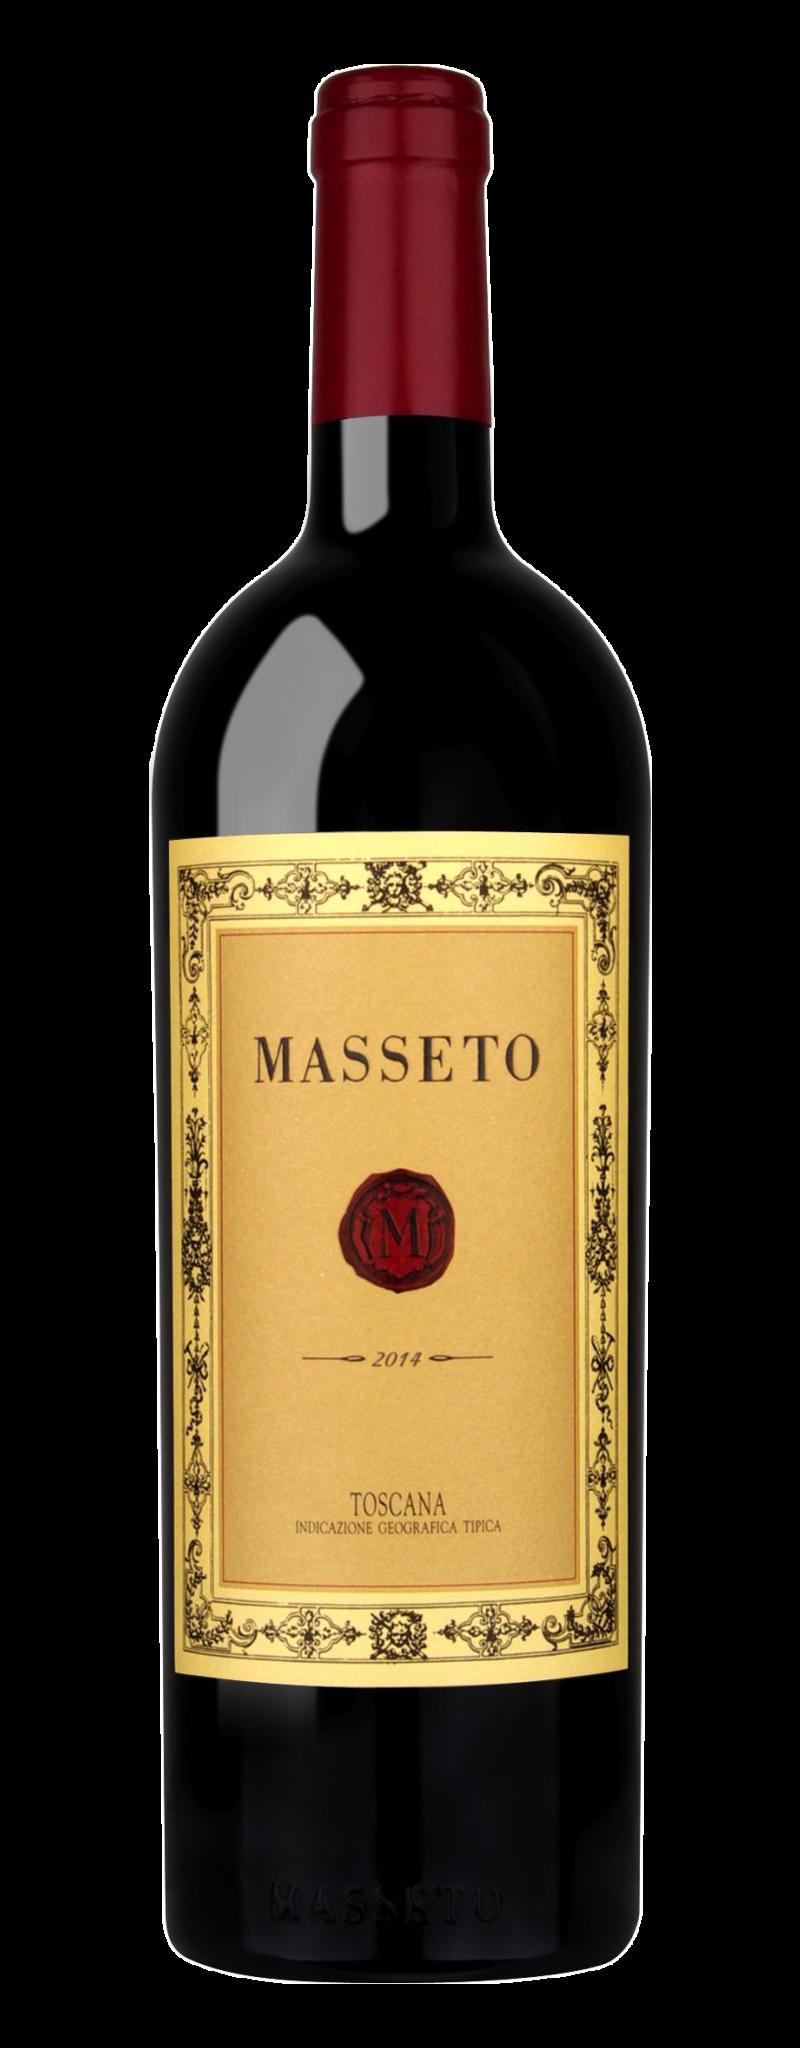 Masseto 2014  - 750ml